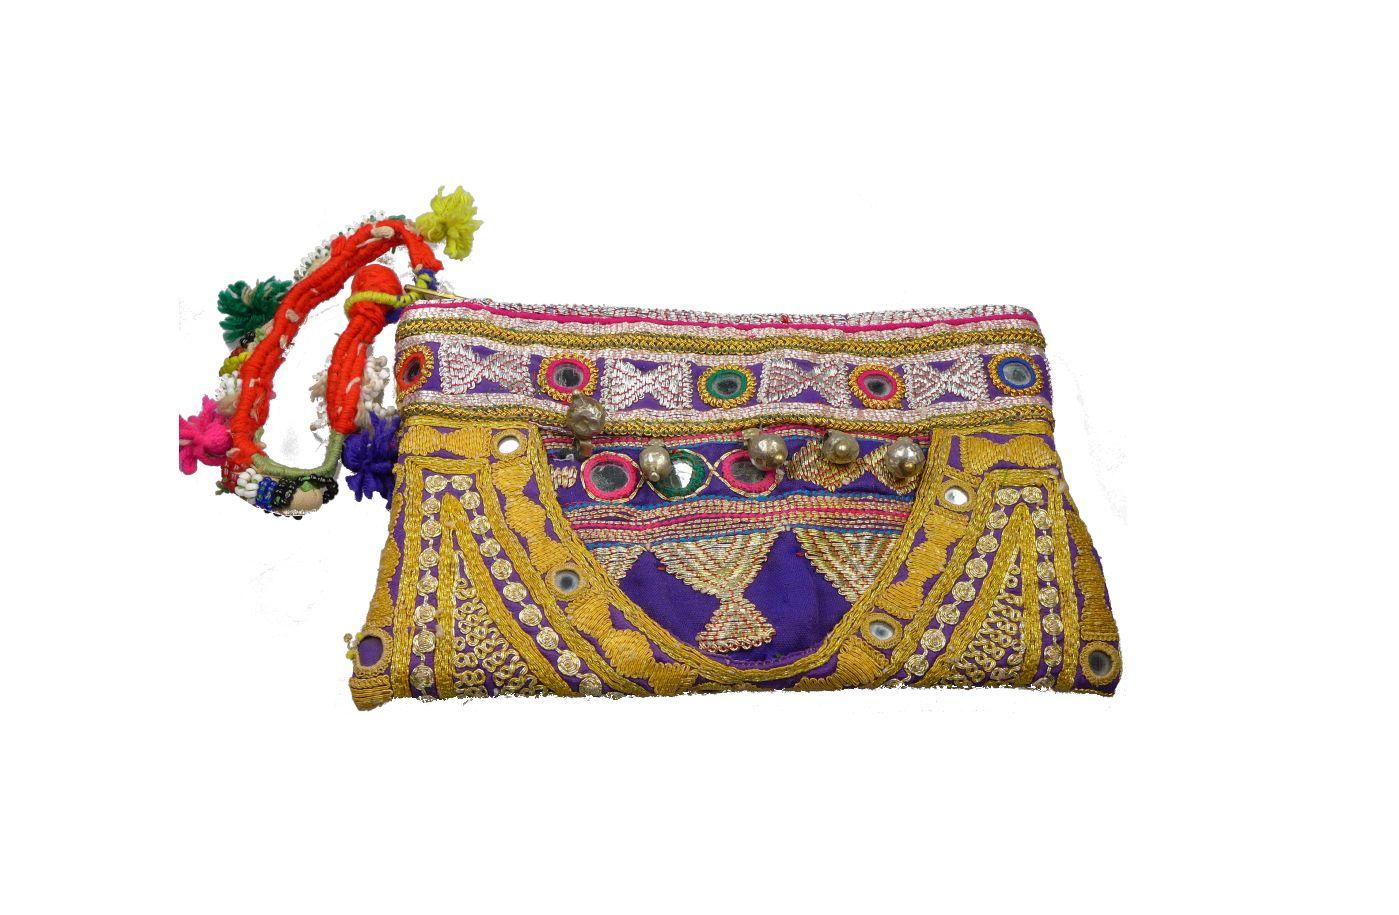 Unverwechselbare Handtaschen